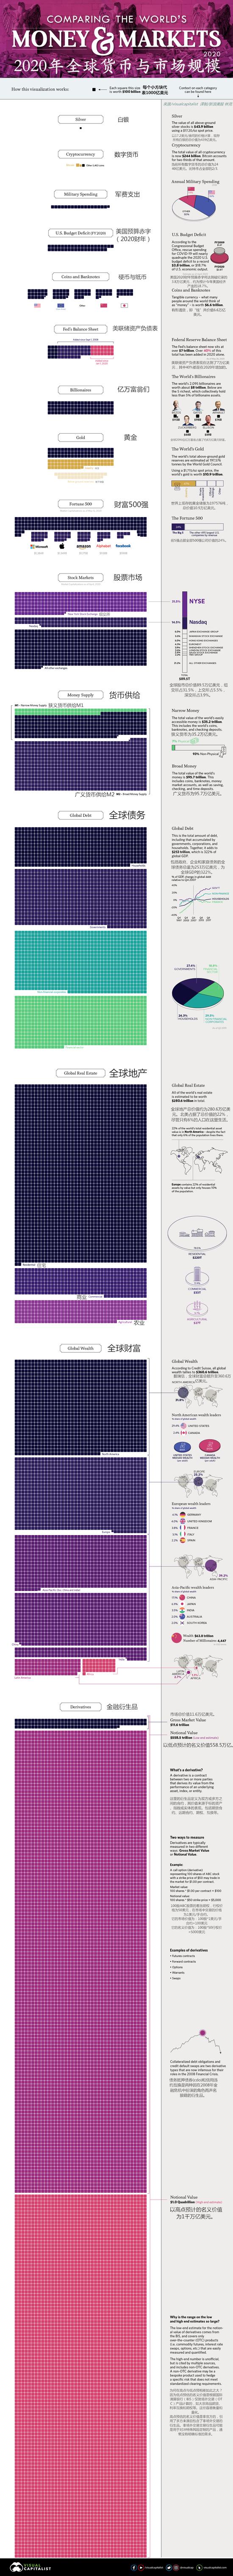 一图看懂:2020年全球货币与市场规模,Alpari艾福瑞